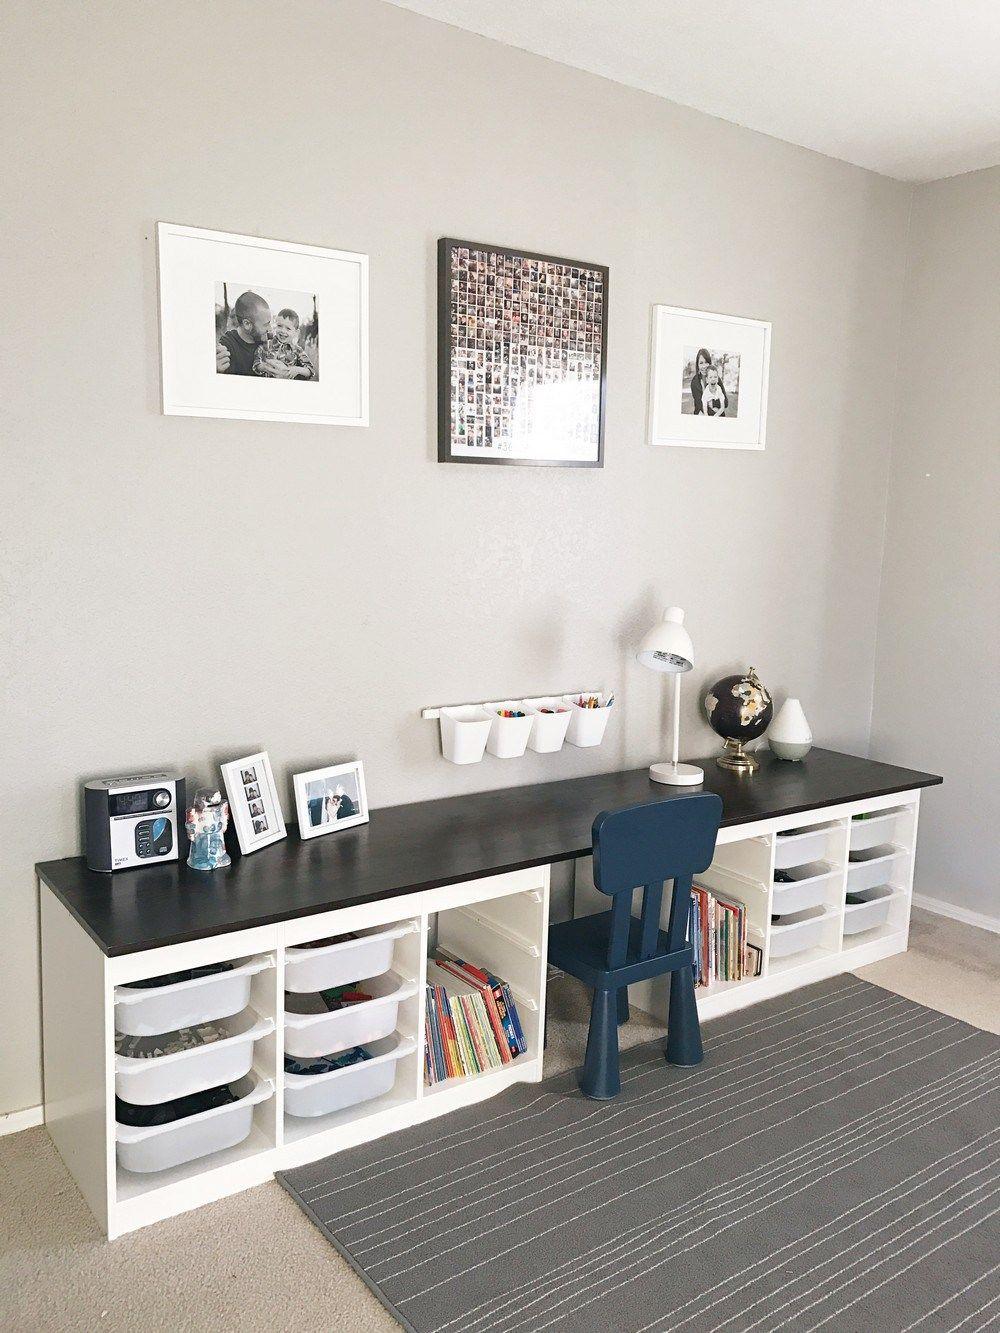 Pin von Scufita Roz auf Ikea | Pinterest | Nähzimmer, gute Ideen und ...